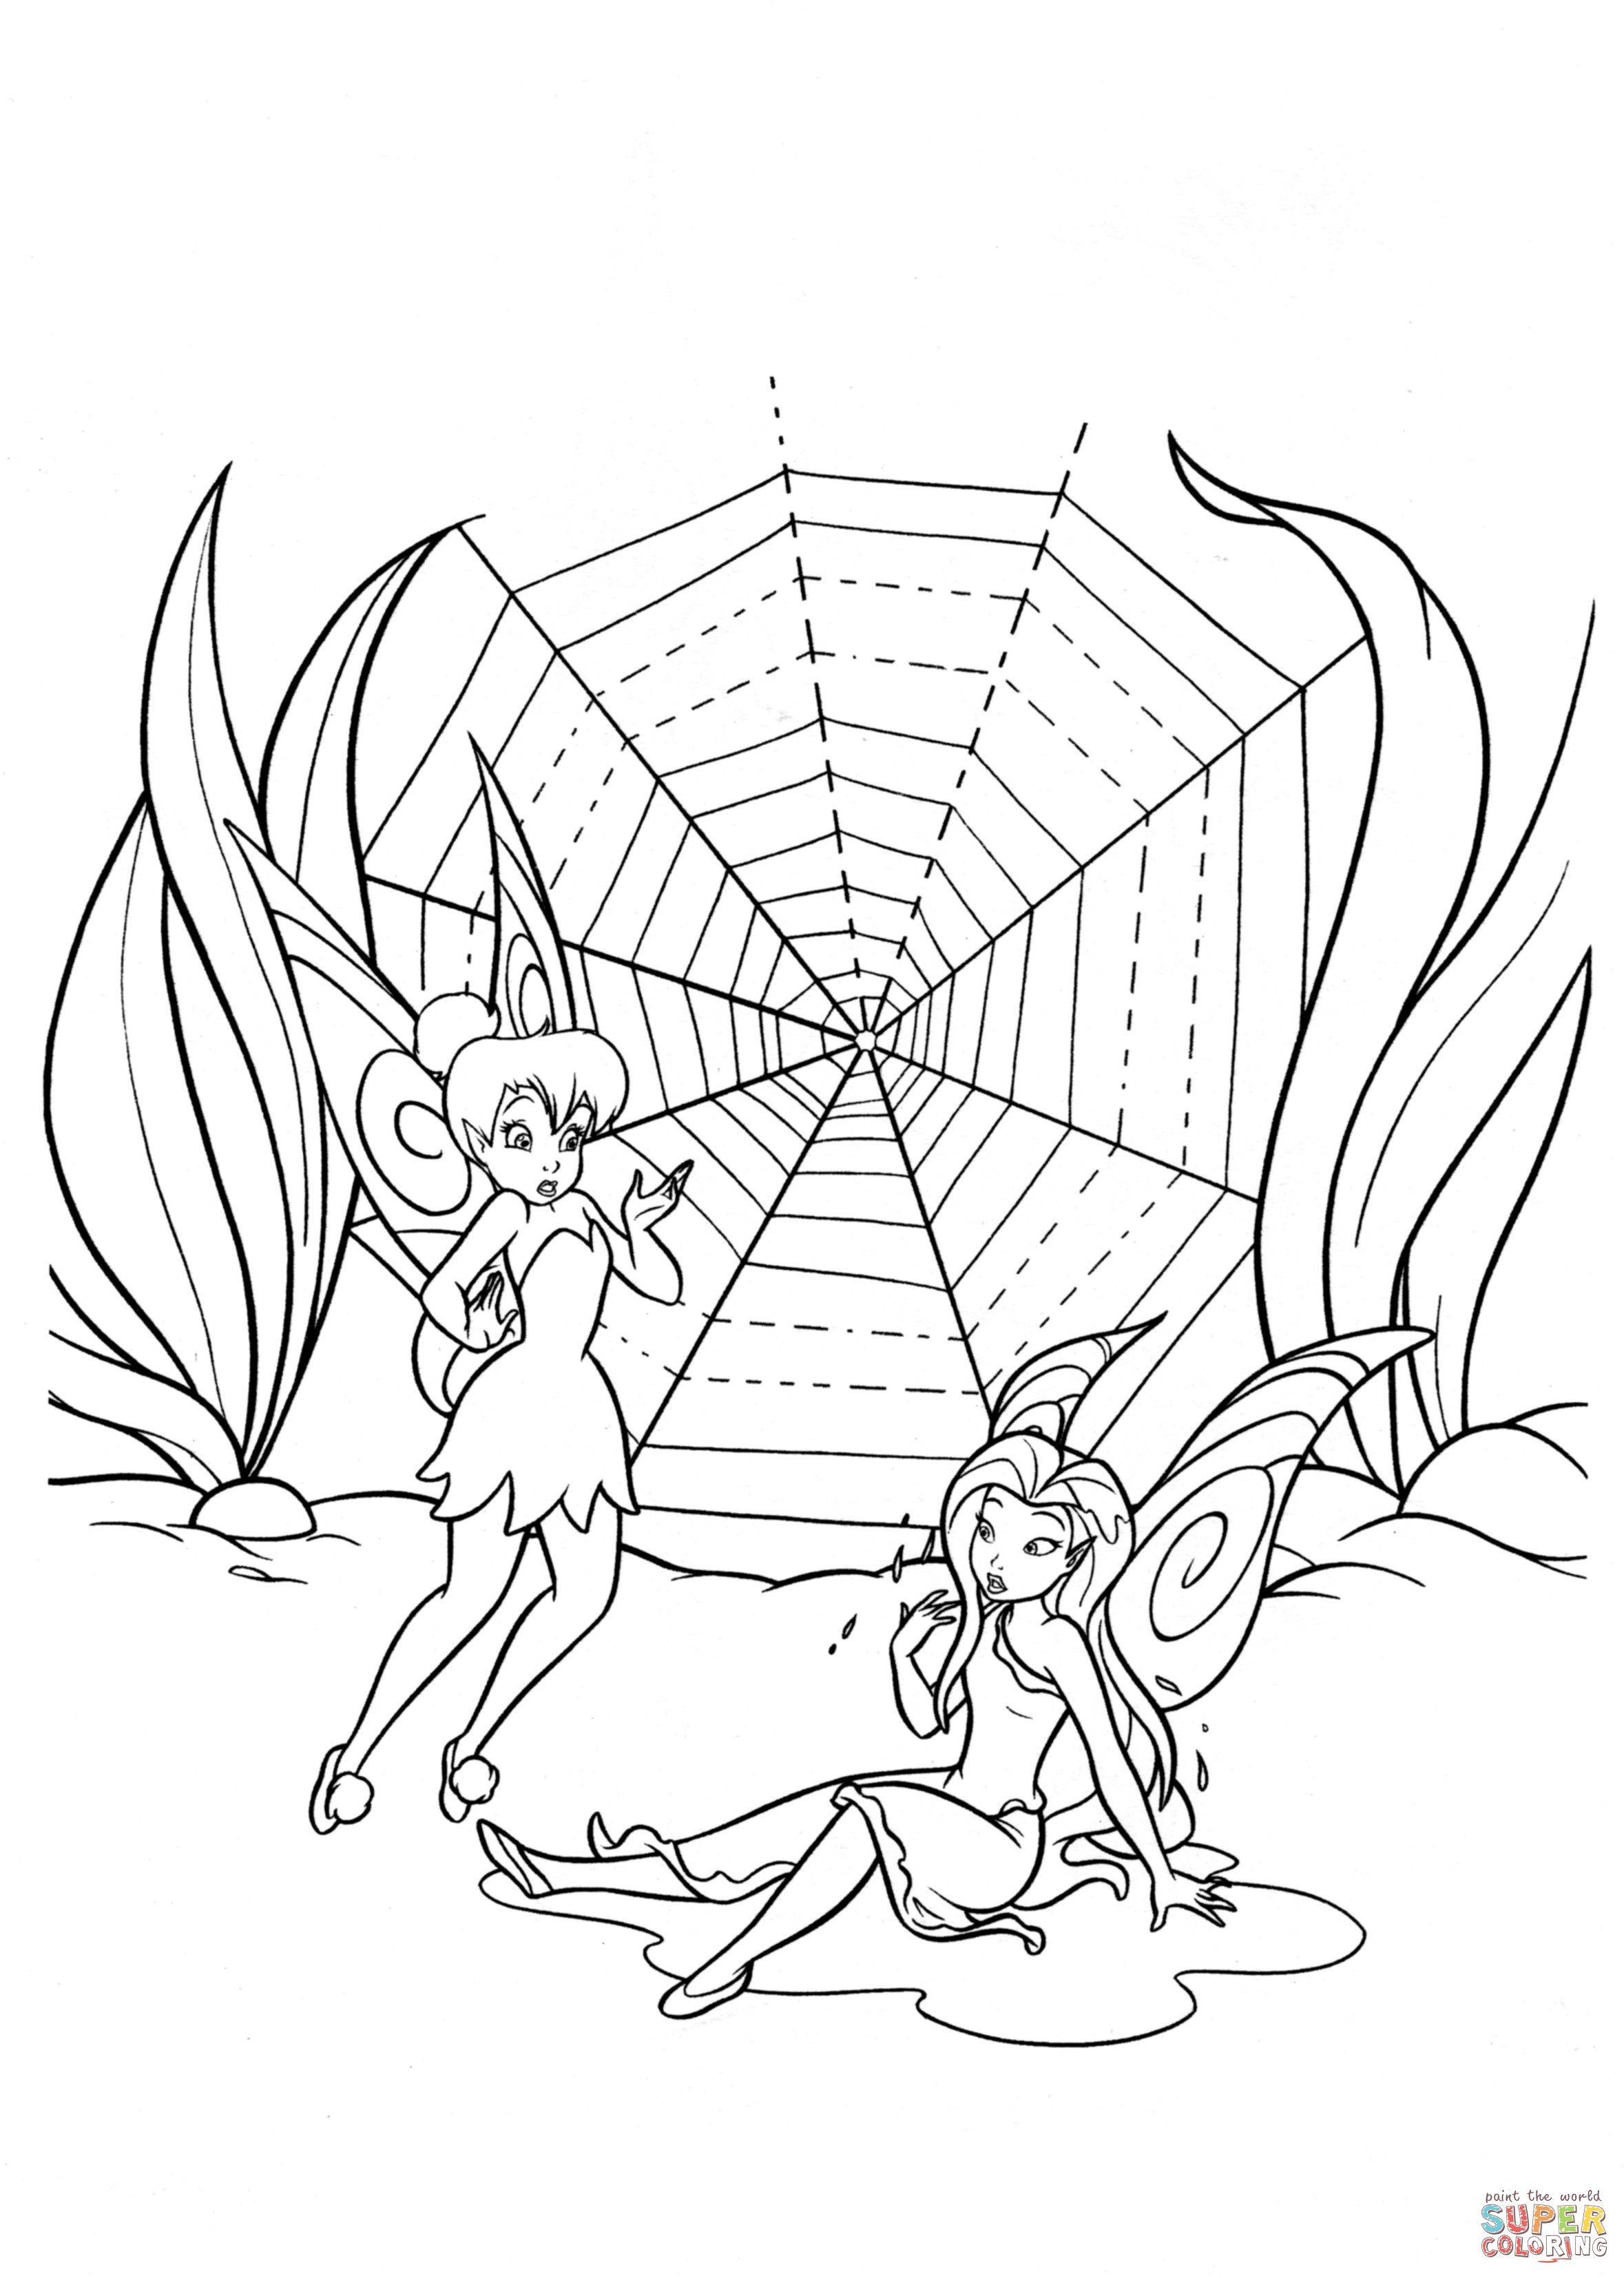 87 dessins de coloriage araign e toile imprimer - Araignee dessin ...